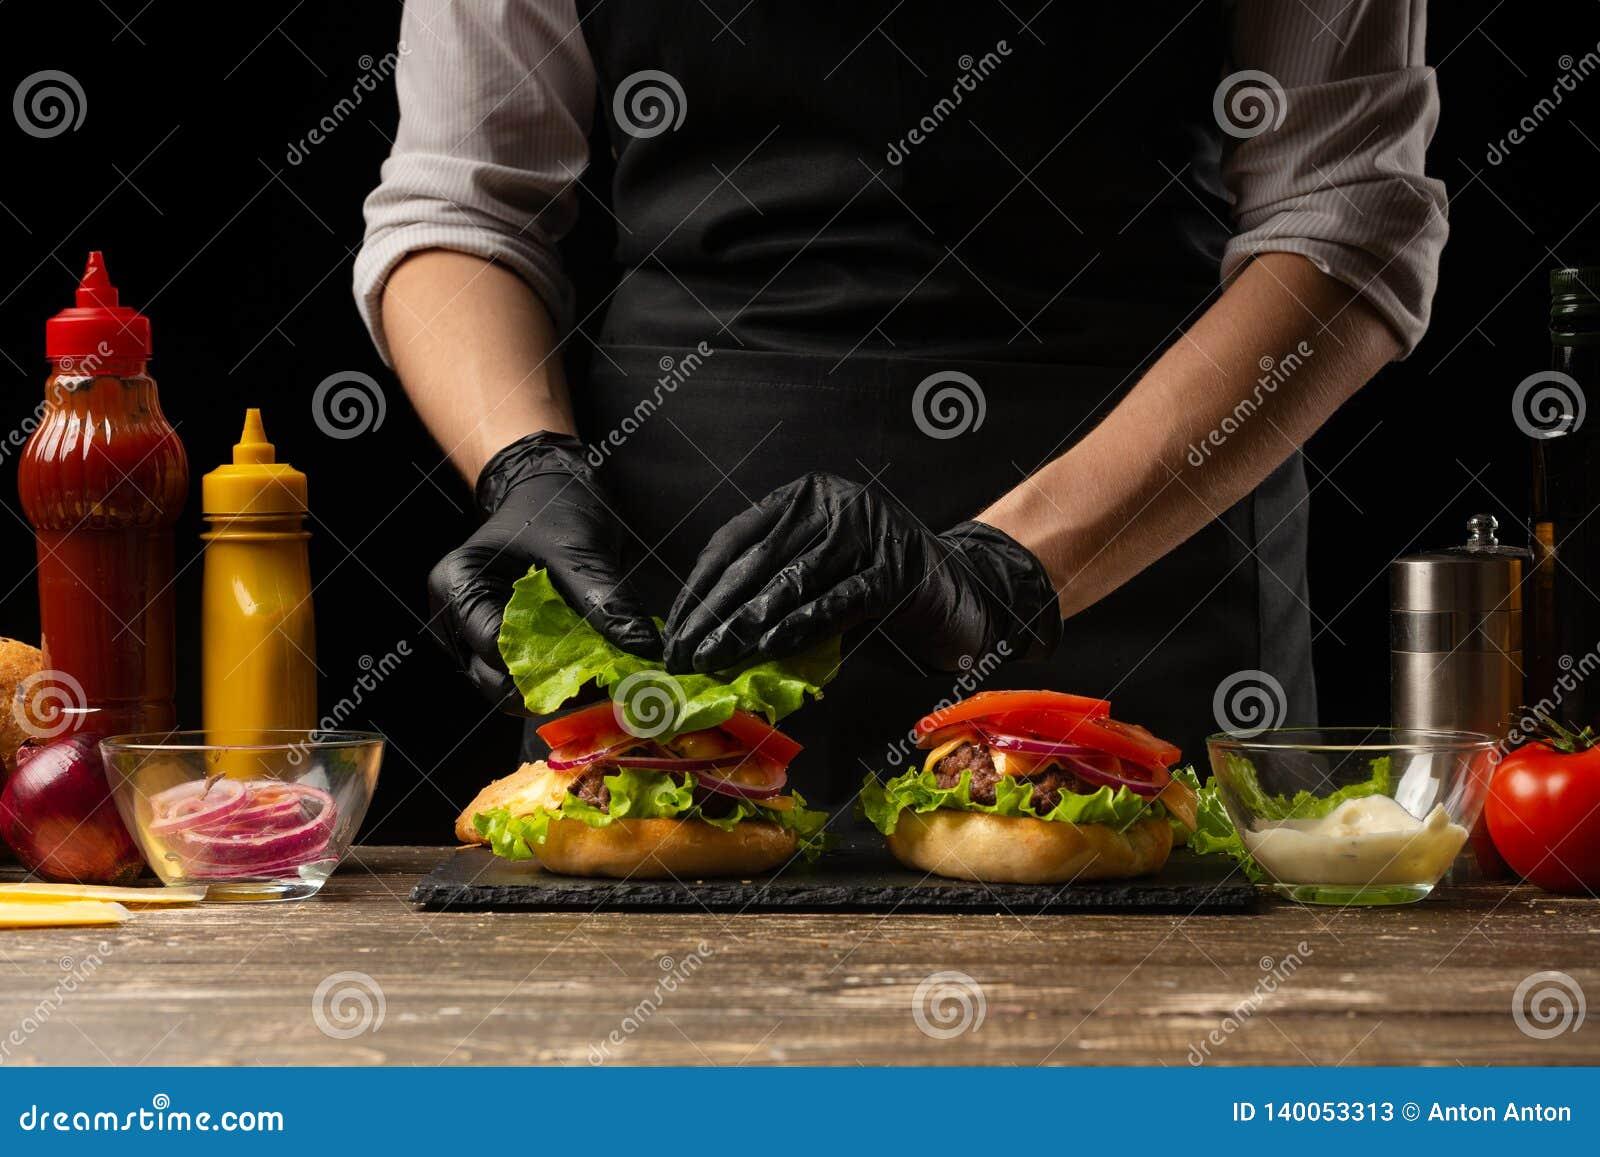 Fast Food Recipe Book